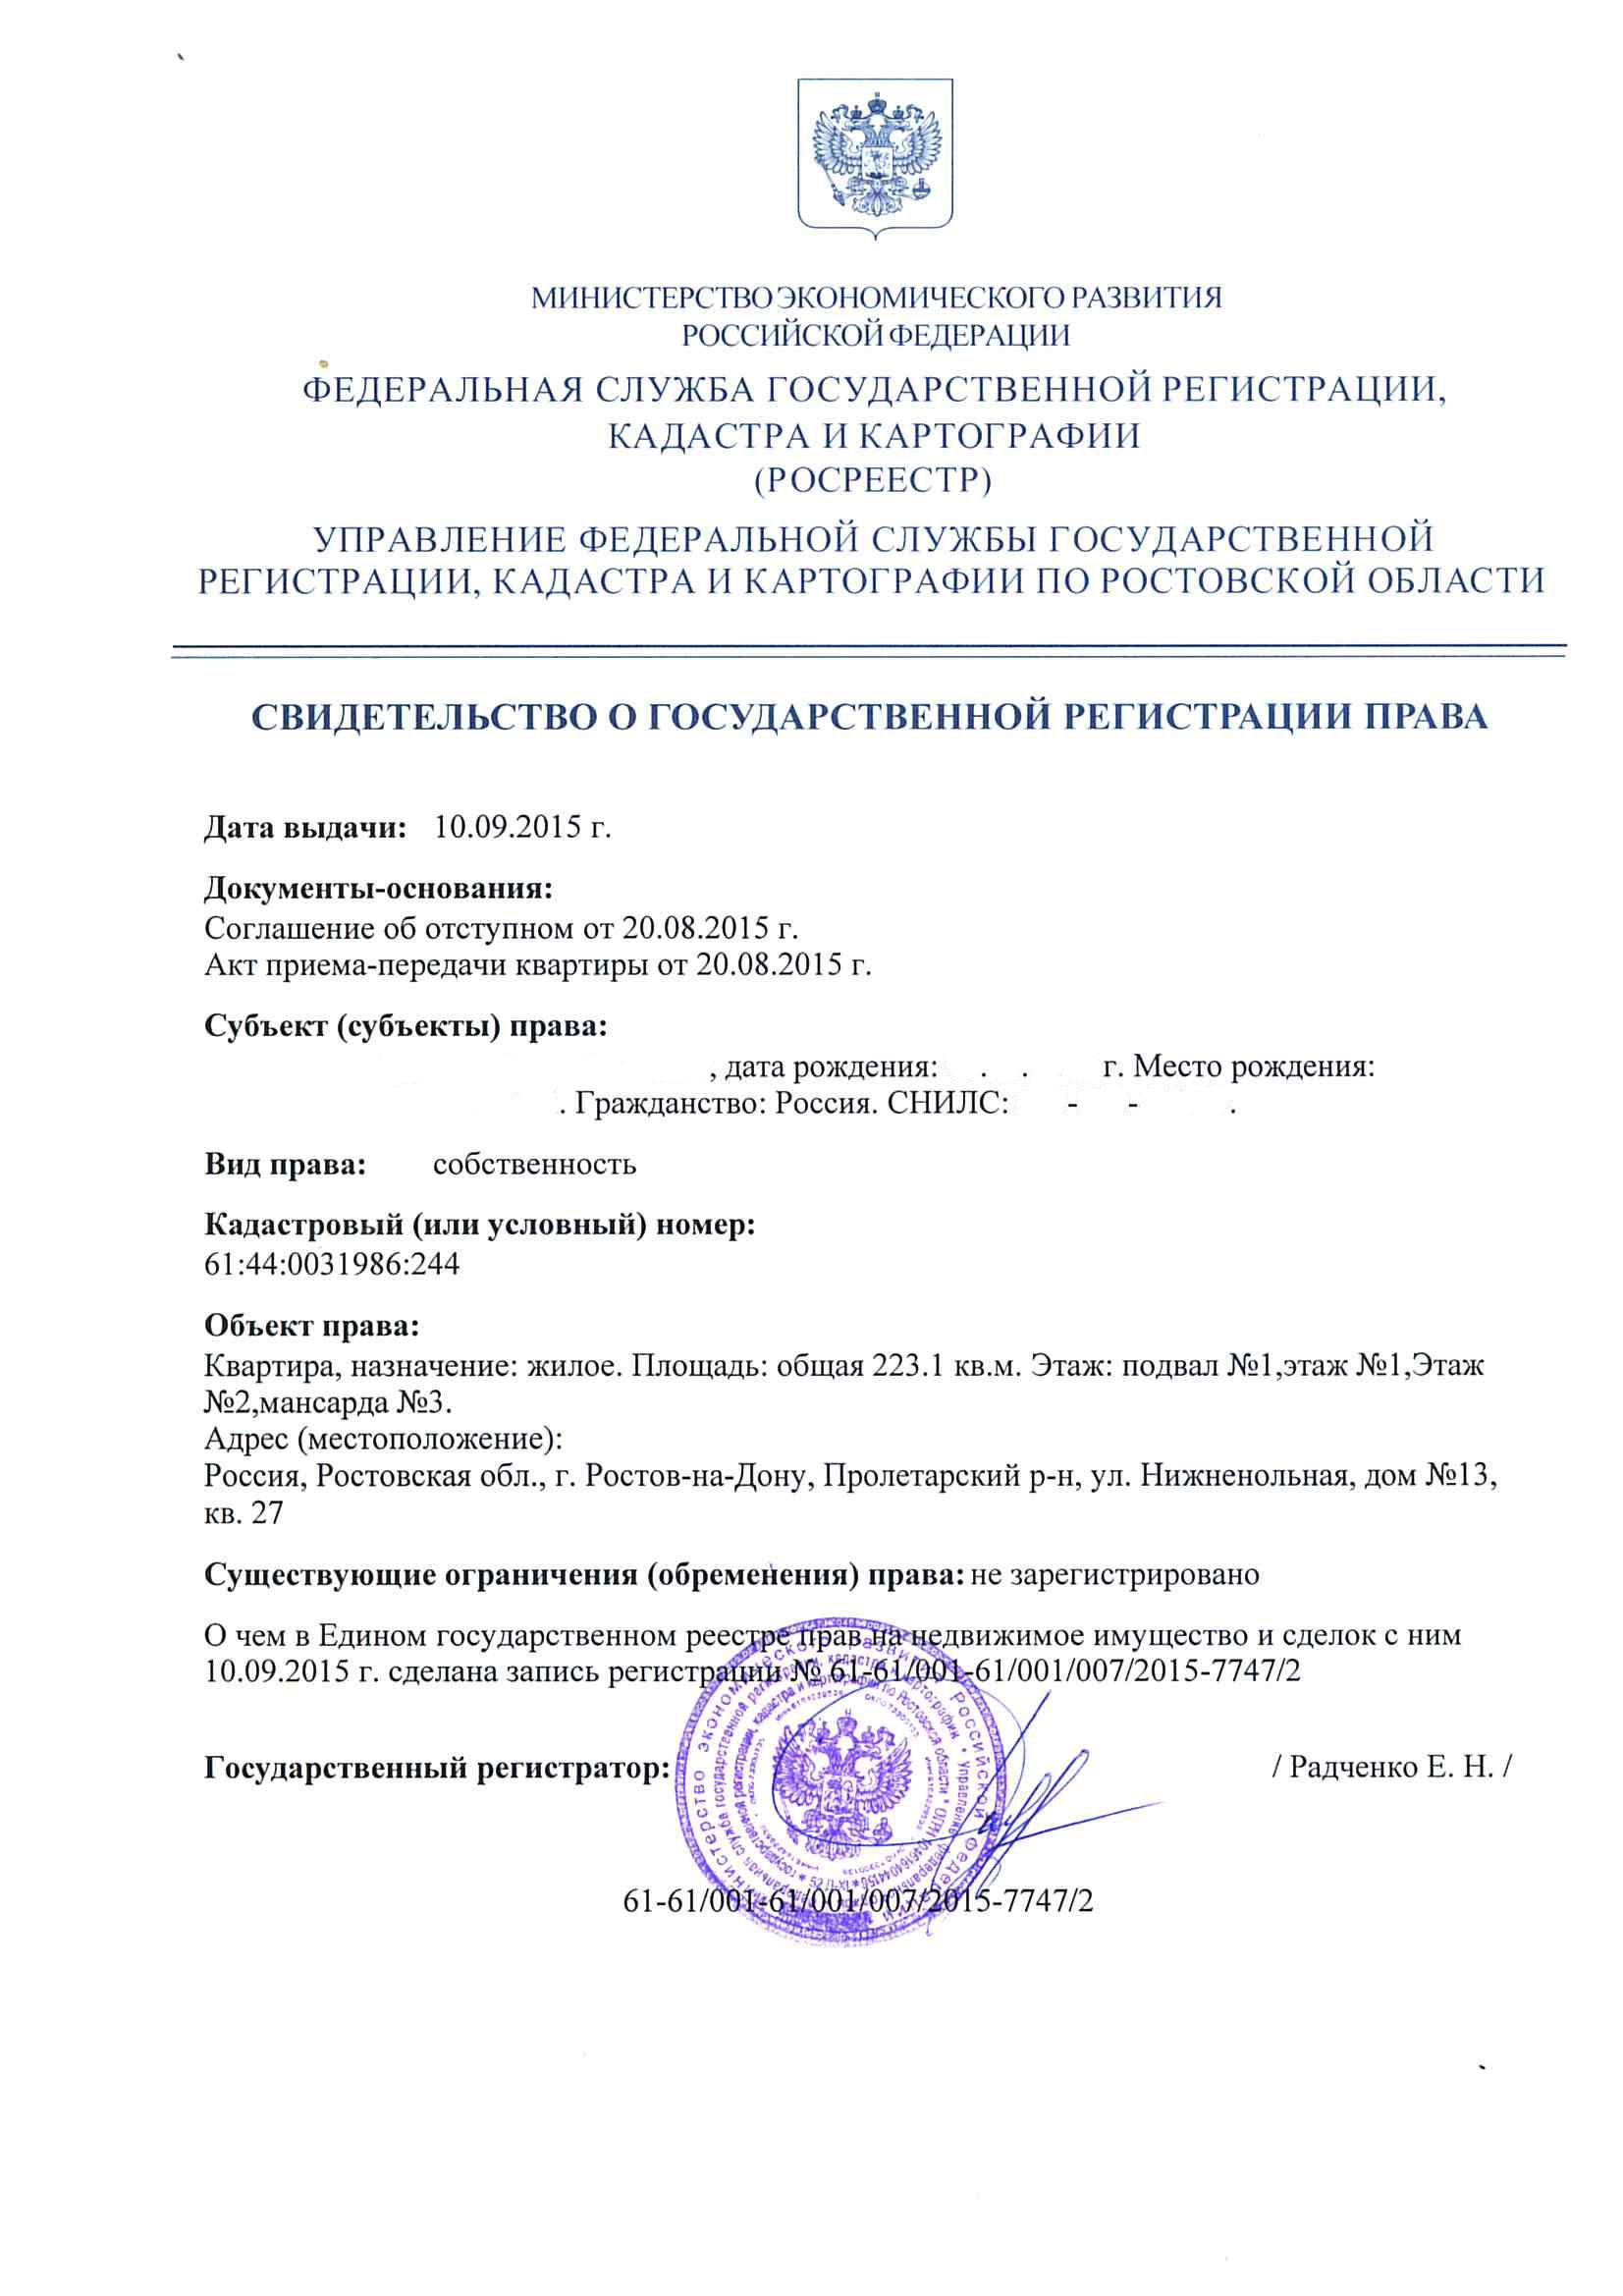 Свидетельство о гос регистрации квартира 27